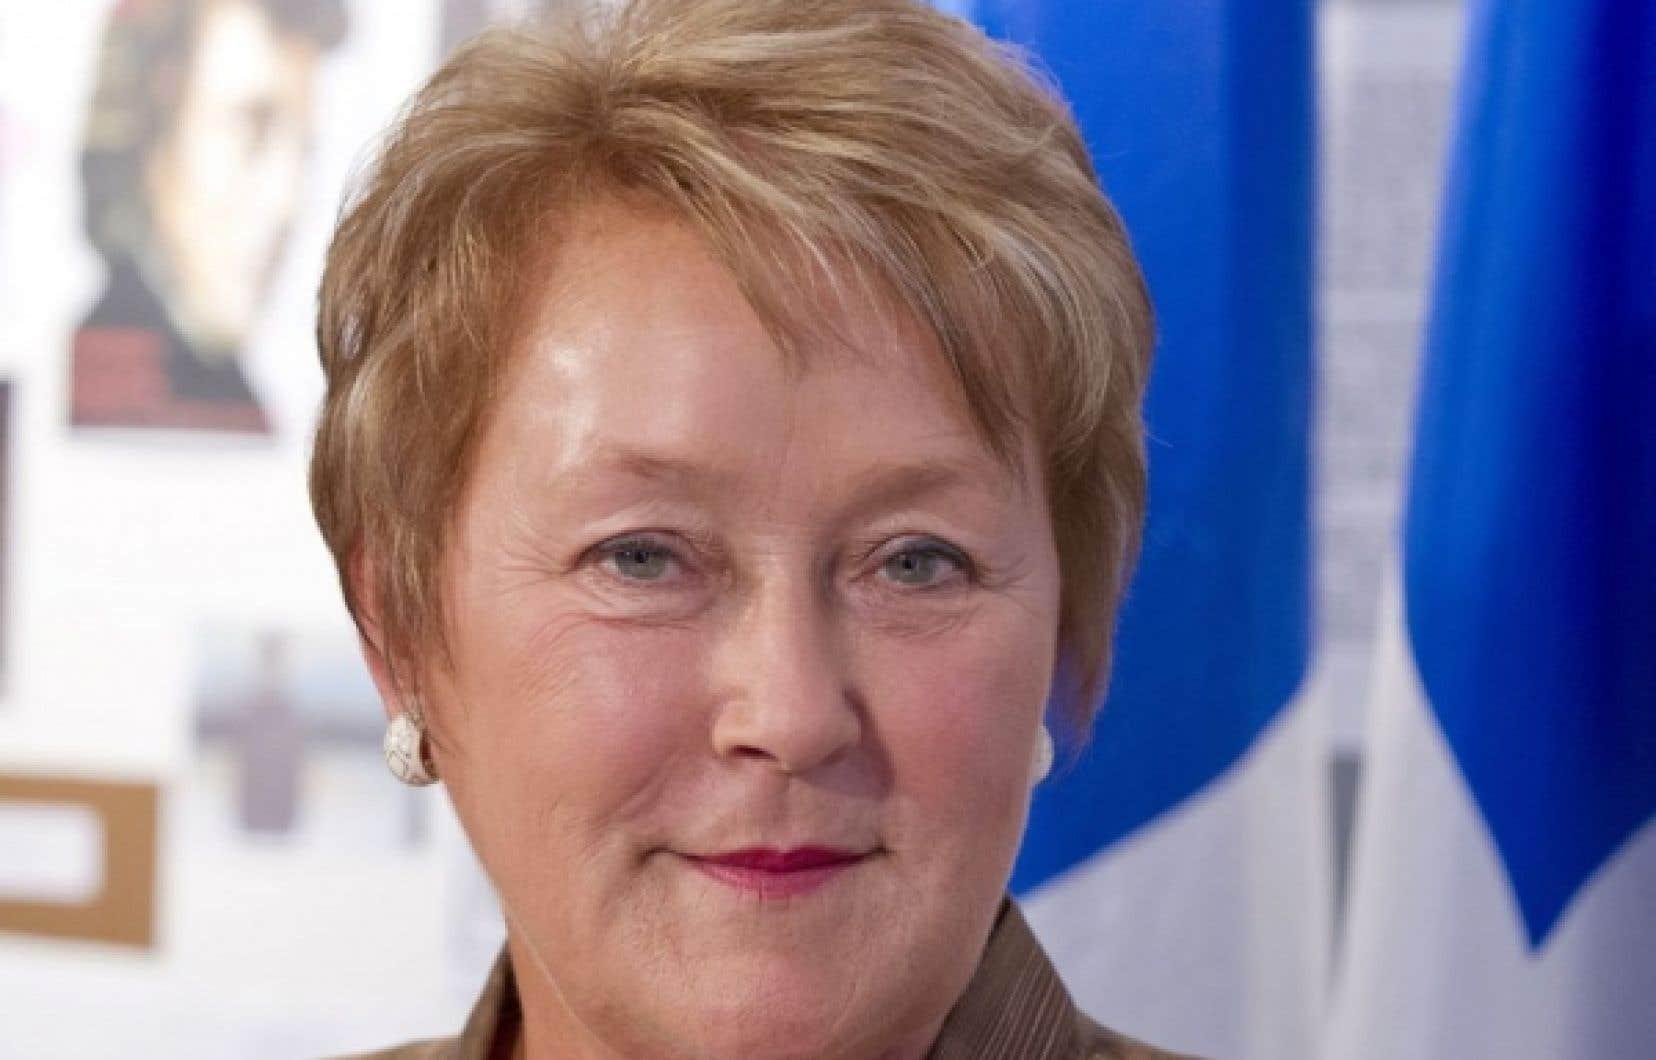 « L'enjeu le plus urgent, c'est de changer le gouvernement libéral de Jean Charest, ce gouvernement usé et corrompu », a répété Pauline Marois tout au long de la journée.